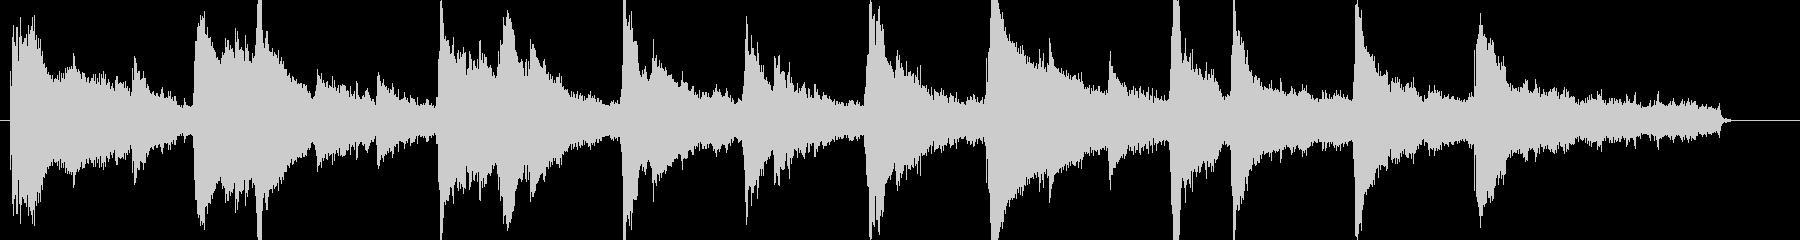 ジングル - 優しく切ないゆっくり曲の未再生の波形